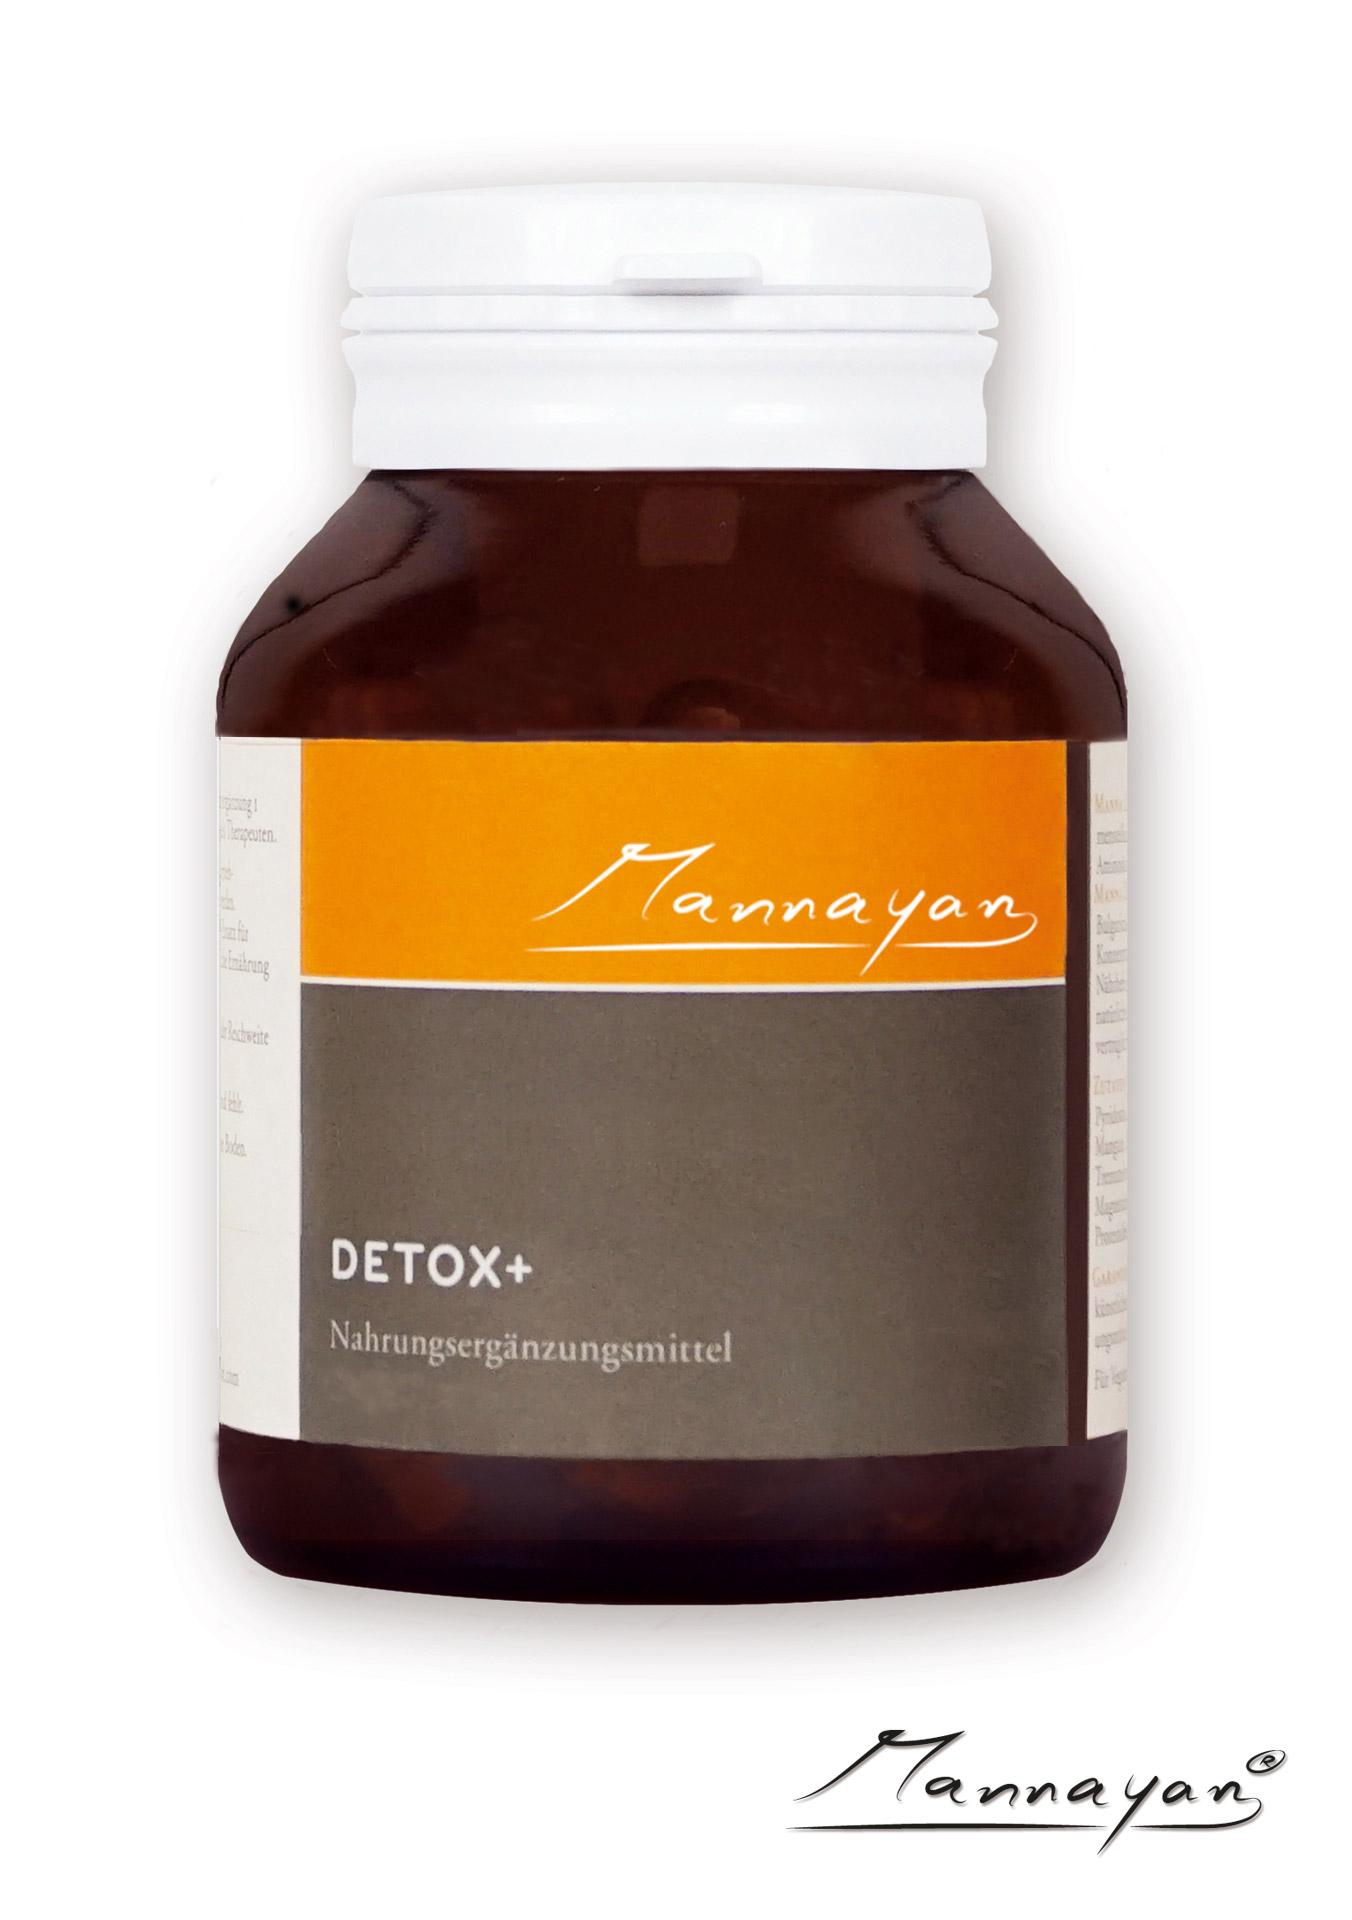 Detox+ von Mannayan